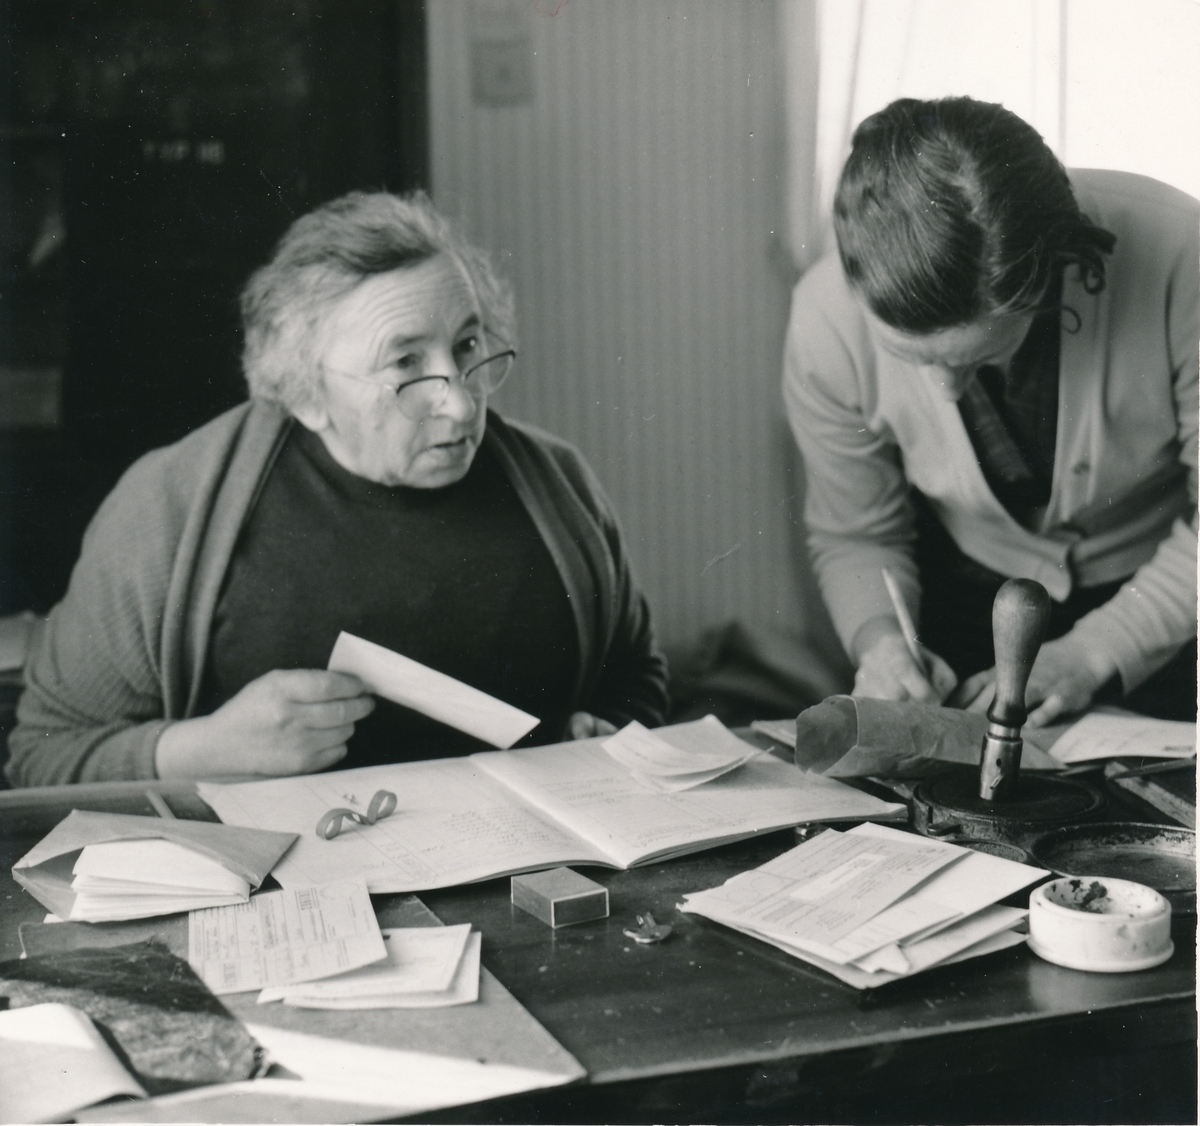 Öravan poststation 1963. Den 1 oktober 1925 togs poststationen i bruk och sedan dess har fröken Hildur Johansson varit föreståndare. När hon slutade 1963 höll hennes postkunder i den lilla norrlandsbyn en hyllningsfest för henne.